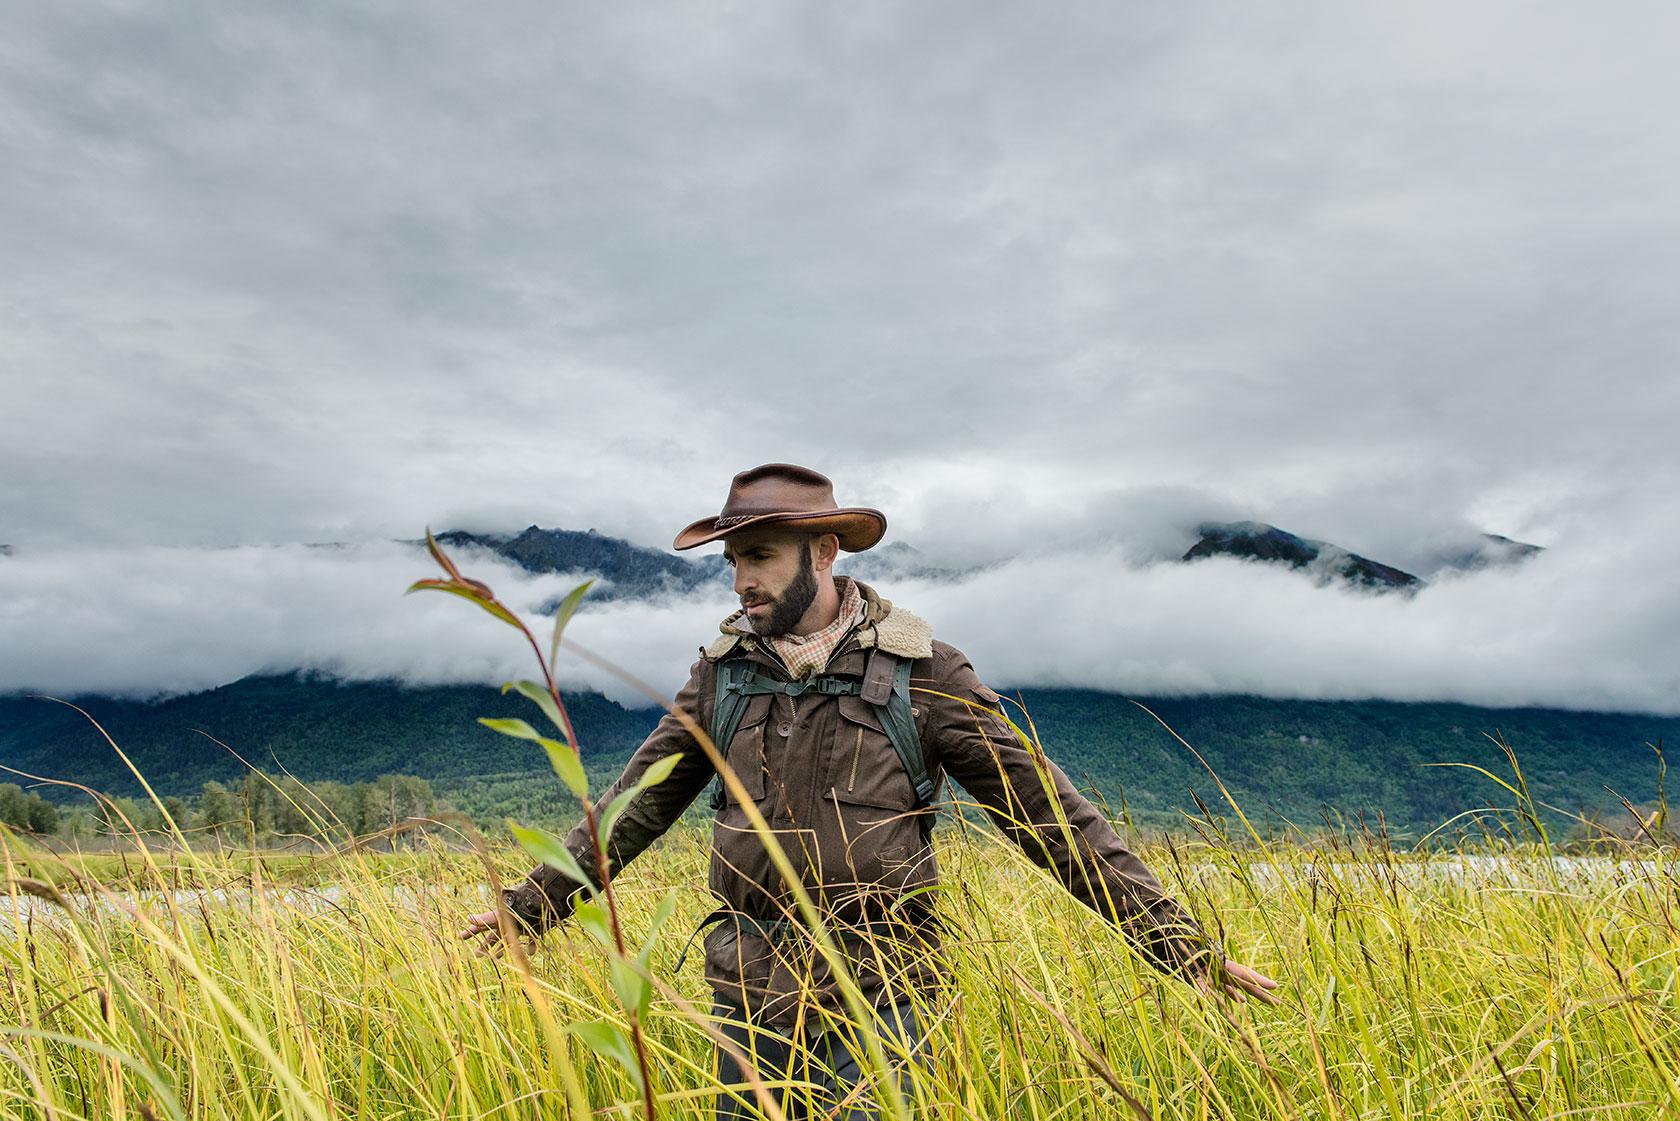 austin-trigg-brave-wilderness-alaska-BW-Coyote-Walks-Through-Weeds.jpg